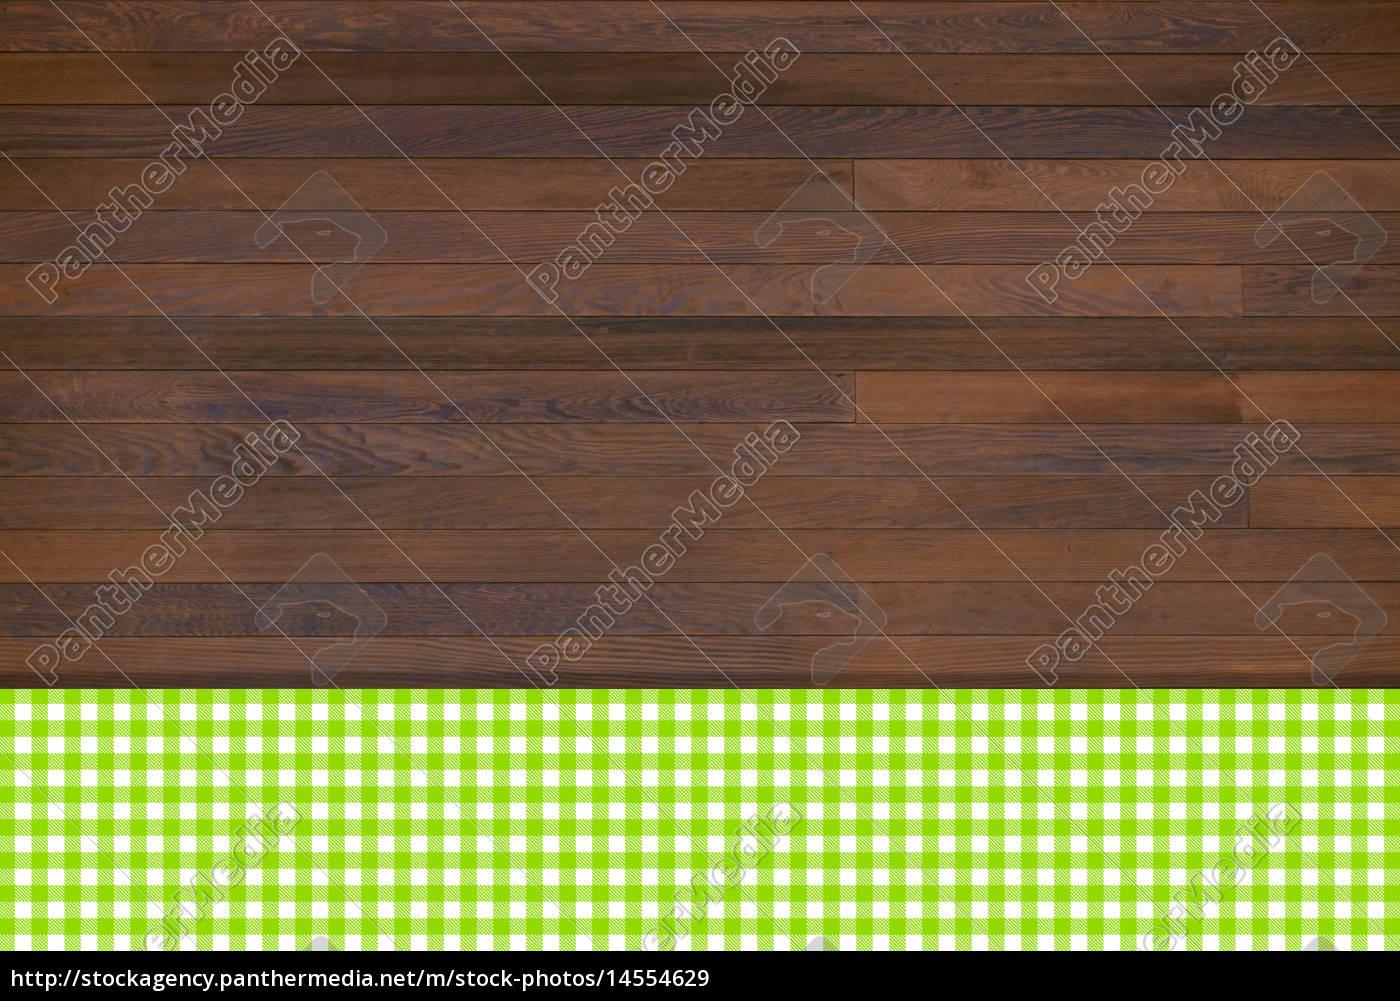 holzhintergrund mit tischdecke gr n weiss stockfoto 14554629 bildagentur panthermedia. Black Bedroom Furniture Sets. Home Design Ideas